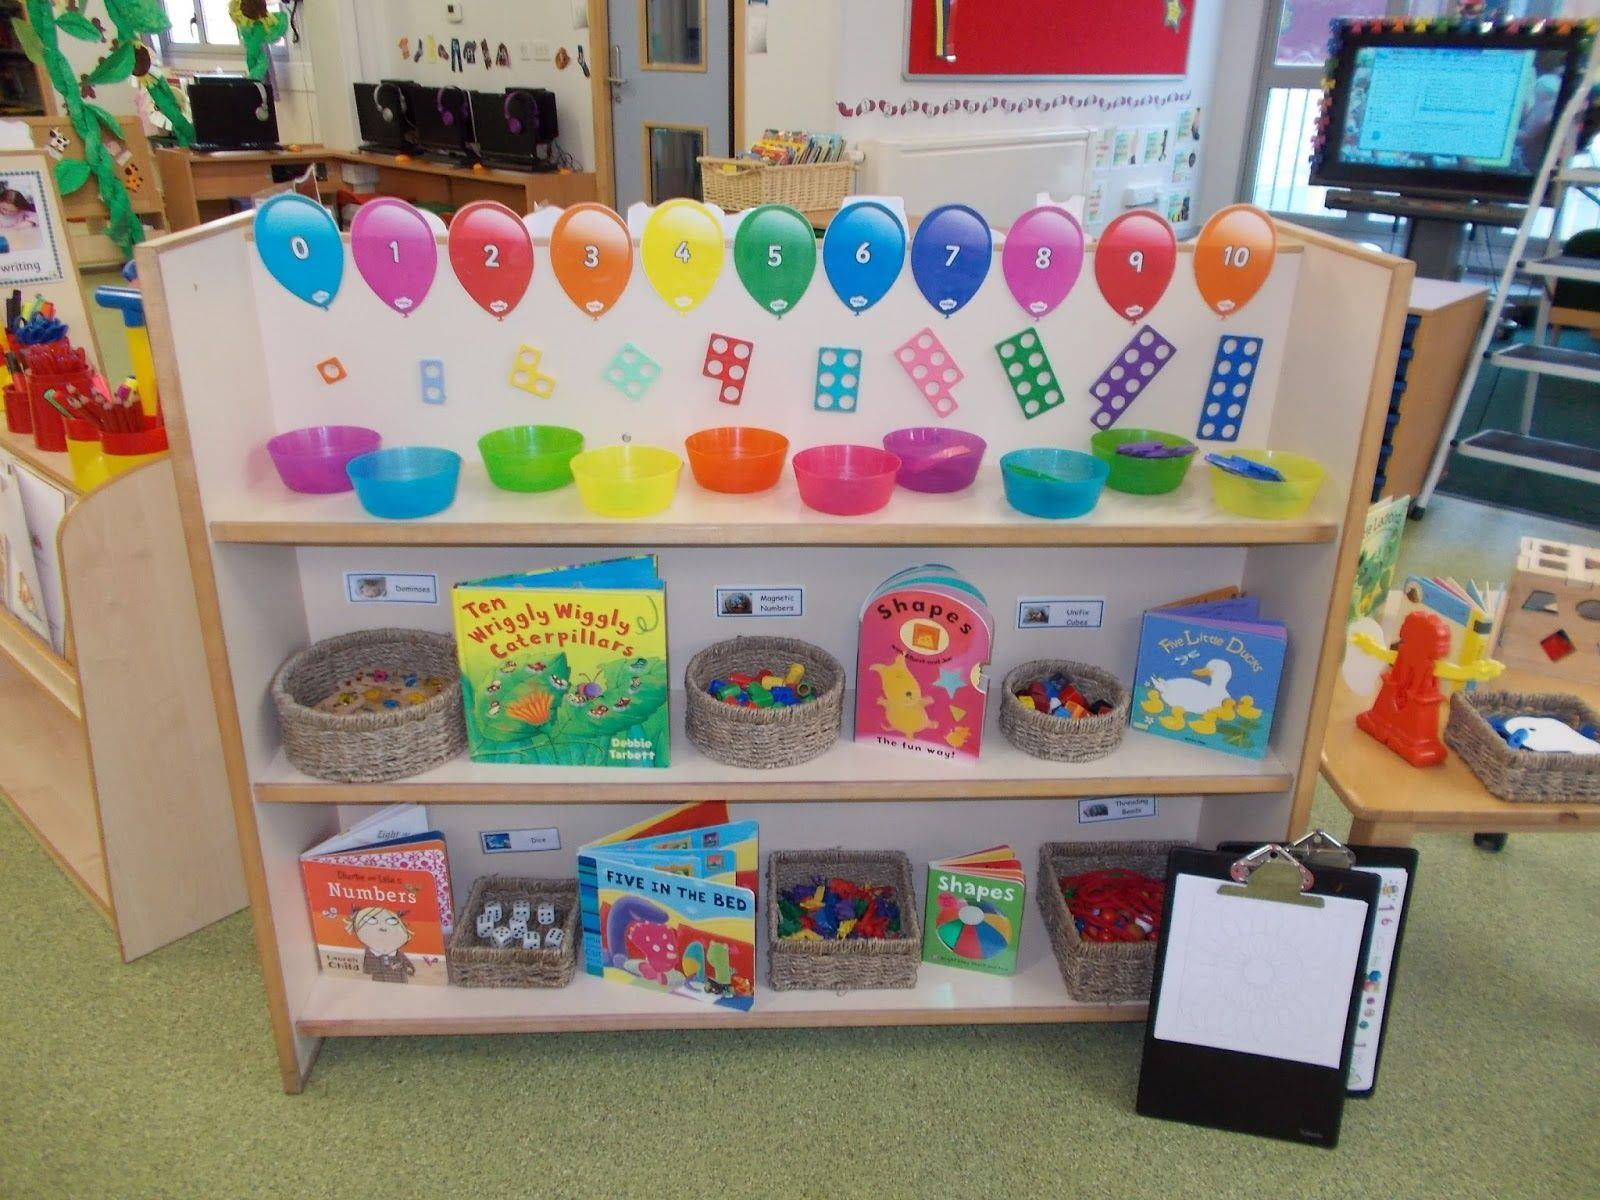 Classroom Ideas Eyfs ~ Dscn g the eyfs classroom ideas